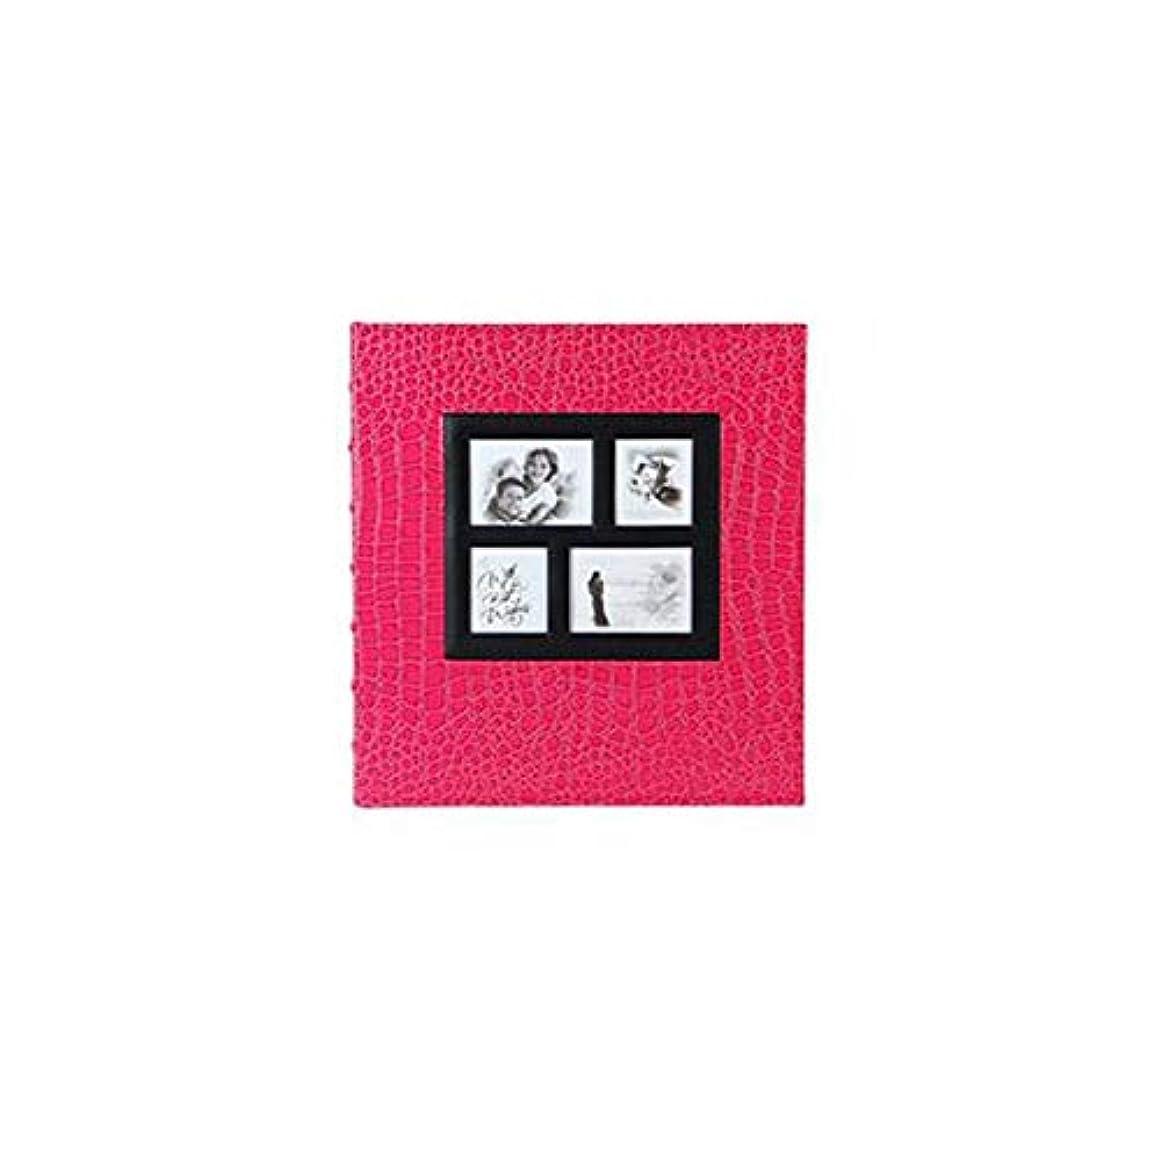 操縦するインセンティブ頑丈WXZD レザーパターン、埋め込まれたウィンドウのアルバム、保存された6インチ5インチ、創造的な家族のアルバム (Color : Rose red)